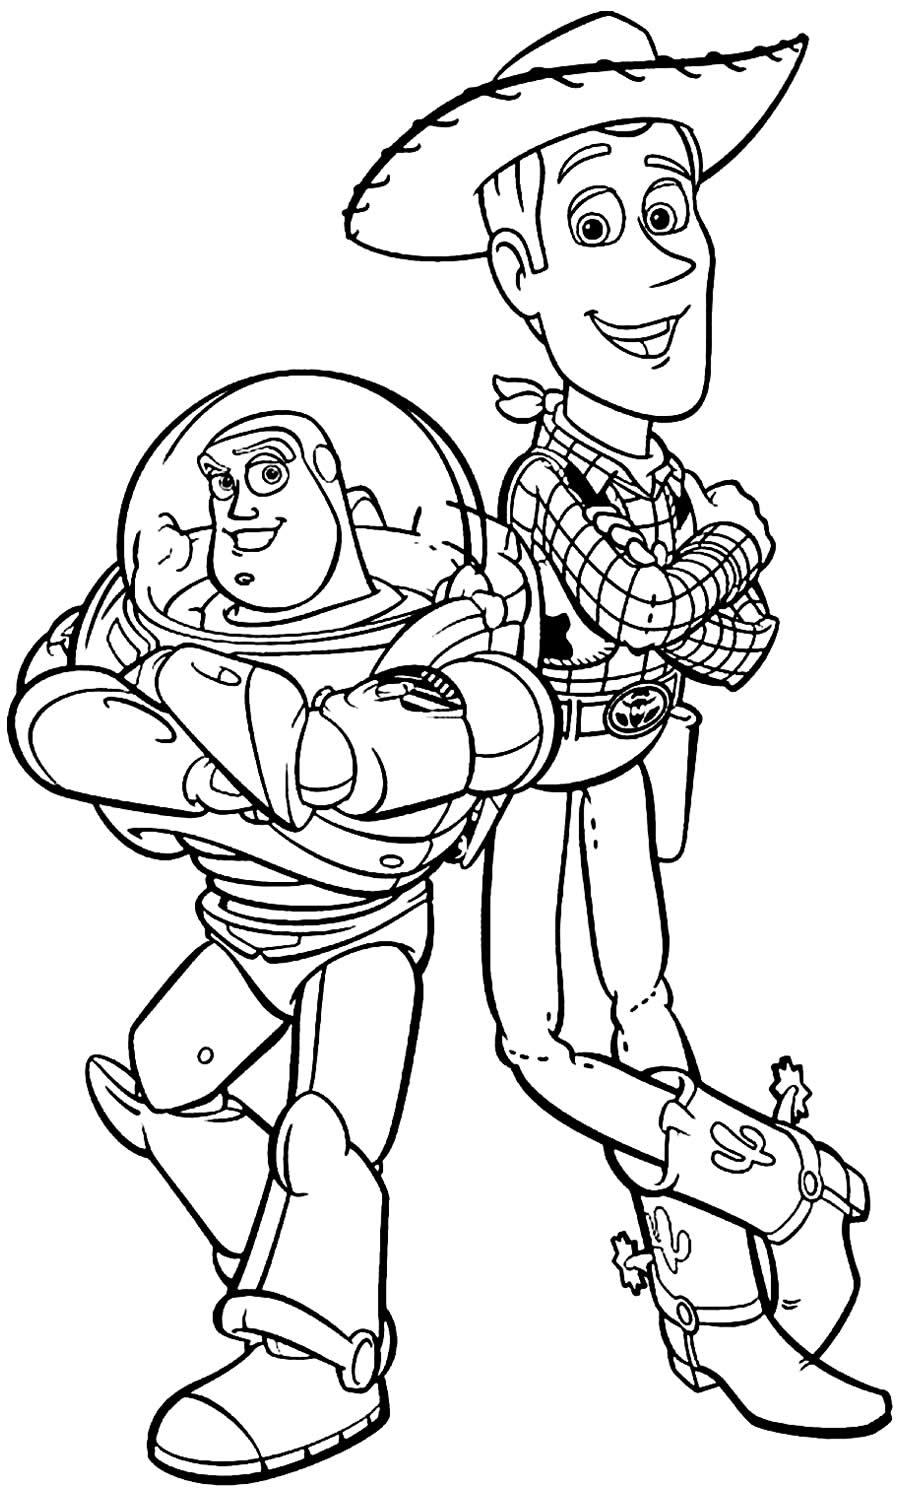 Desenho de Toy Story para pintar